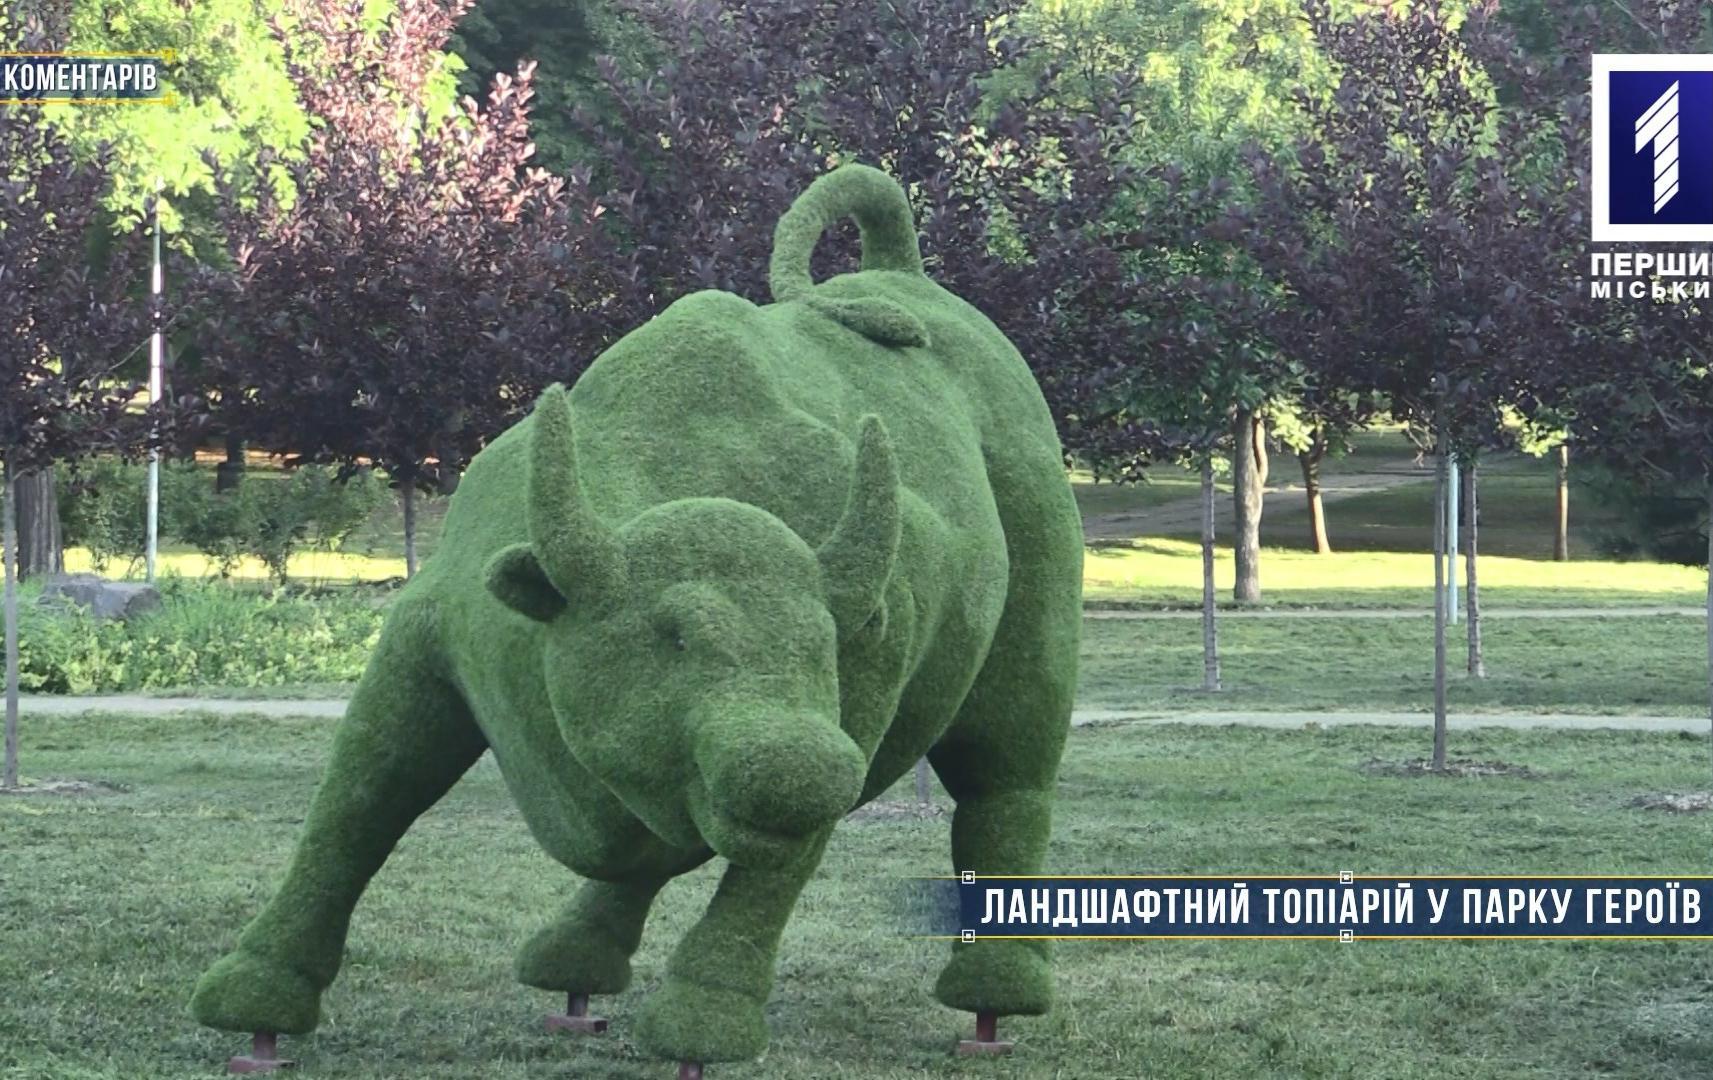 Без коментарів: ландшафтний топіарій у парку Героїв